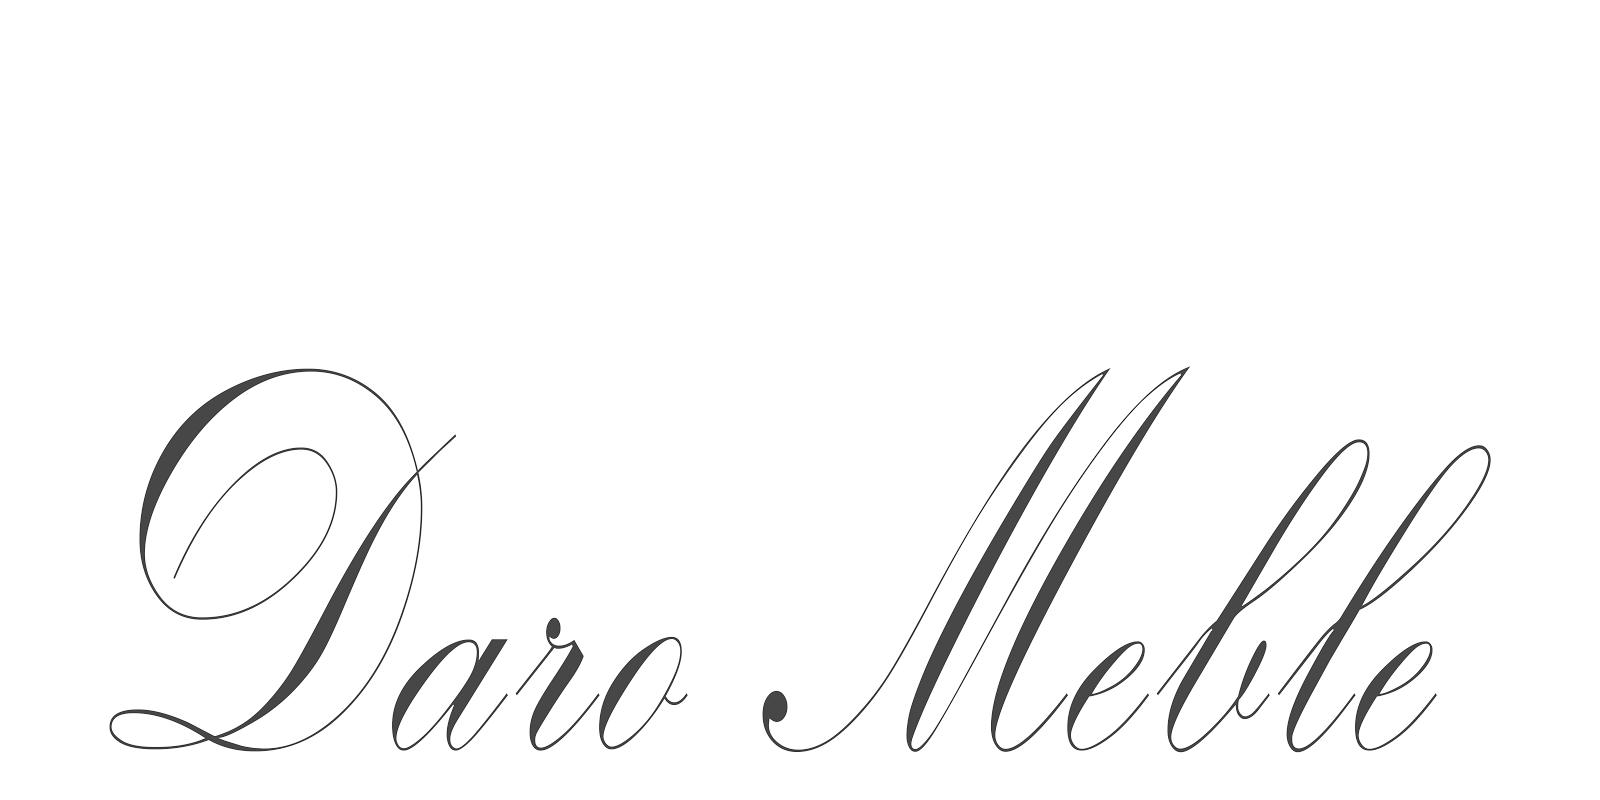 Daro Meble... meble z duszą